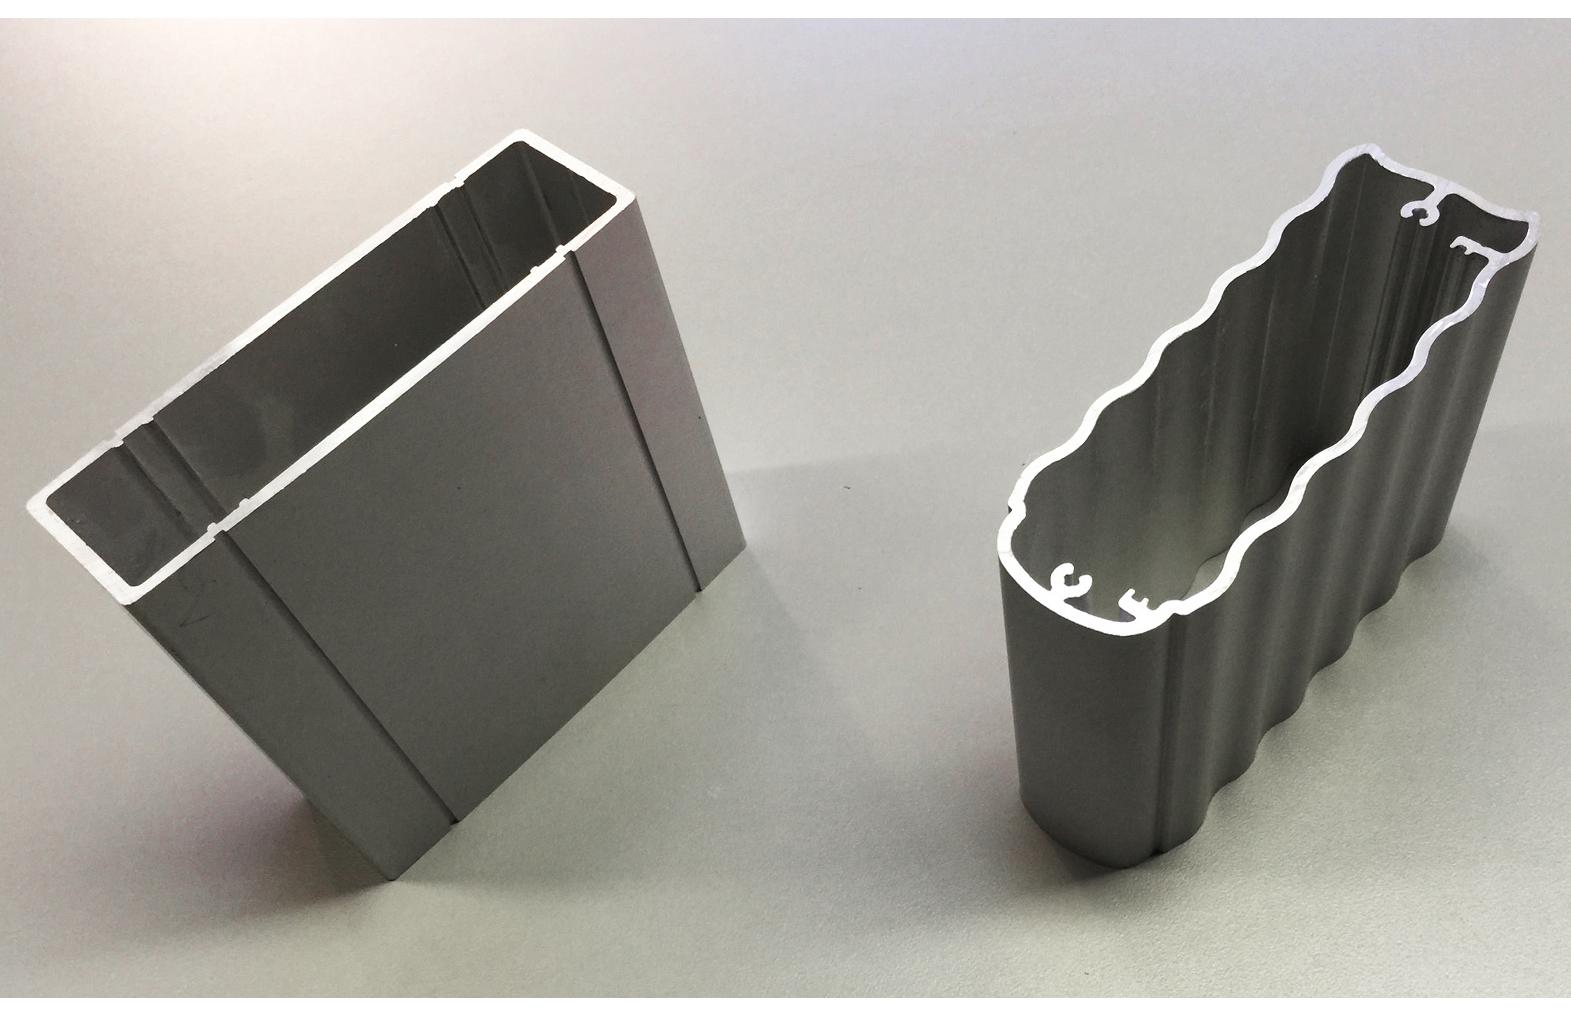 Production Leistungen: zwei Strangpressteile, hergestellt von Constin